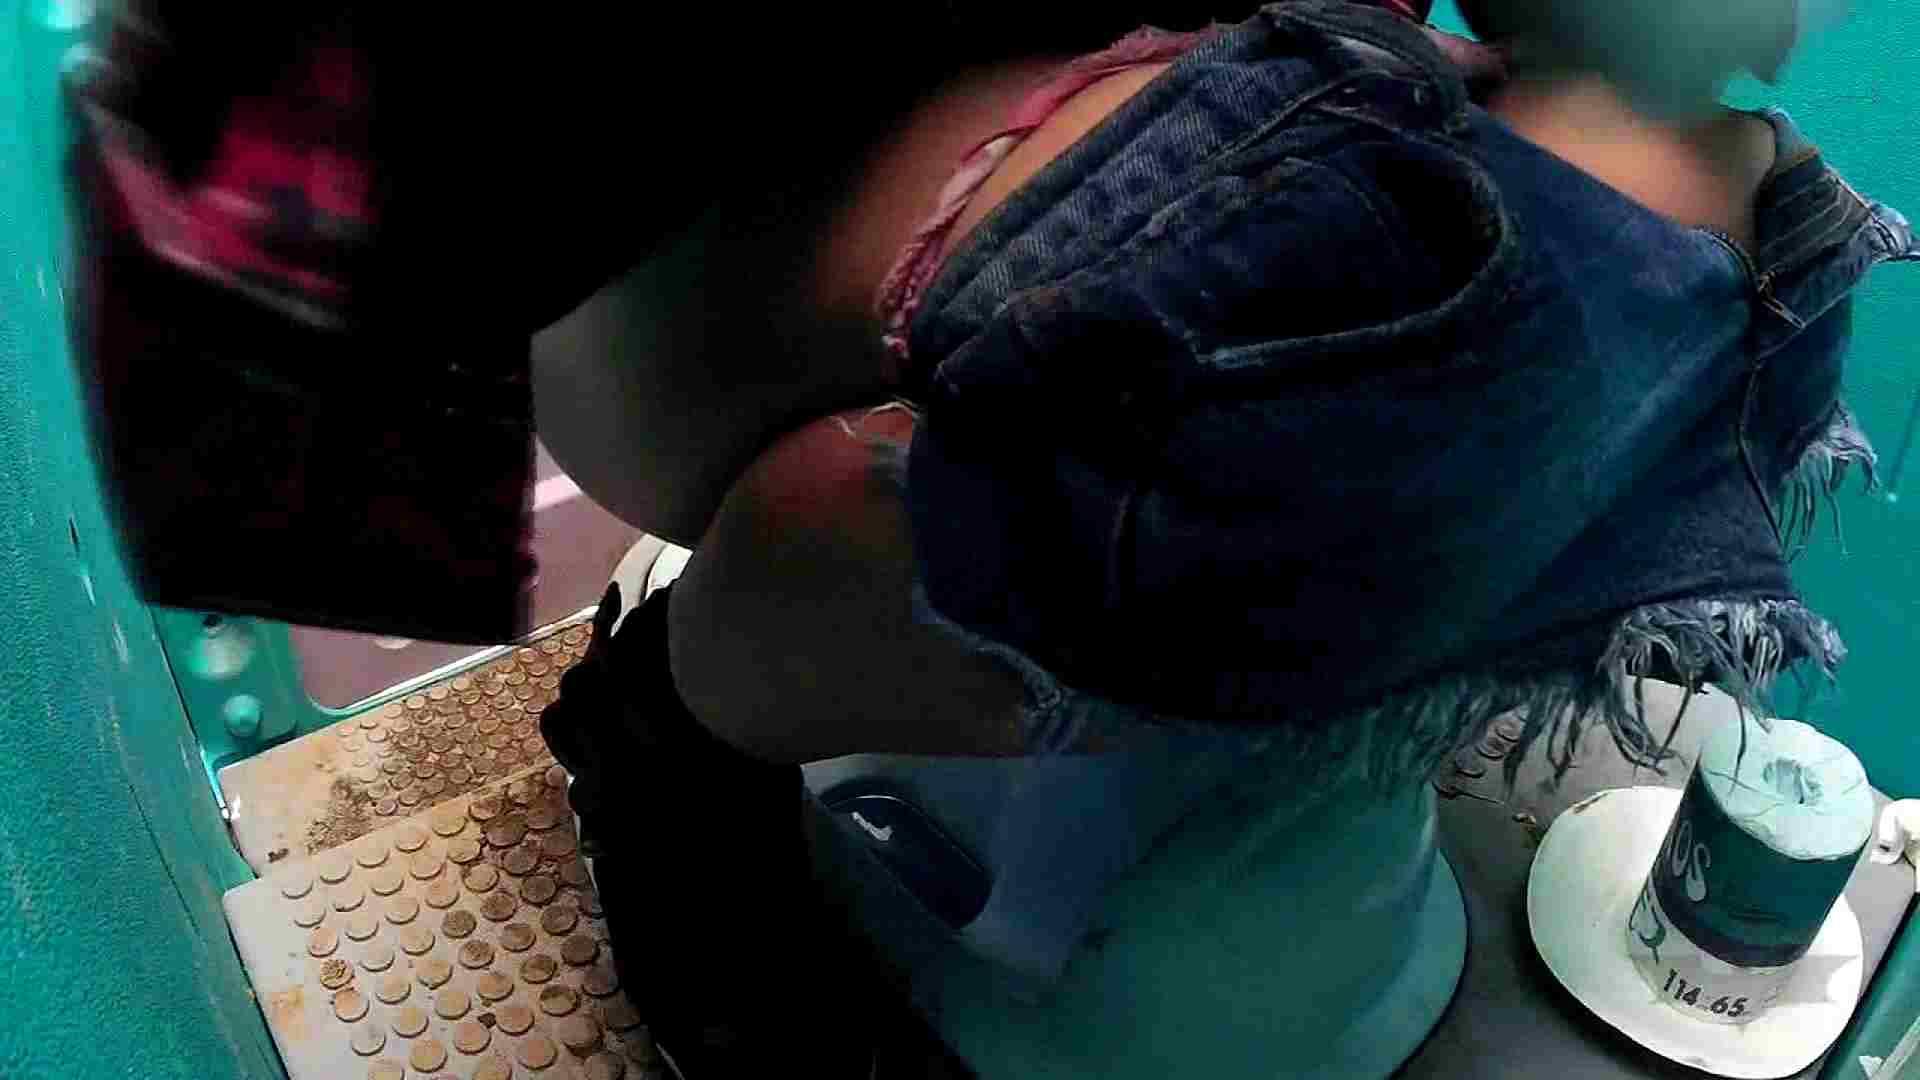 痴態洗面所 Vol.06 中が「マジヤバいヨネ!」洗面所 高画質 おめこ無修正動画無料 84画像 34